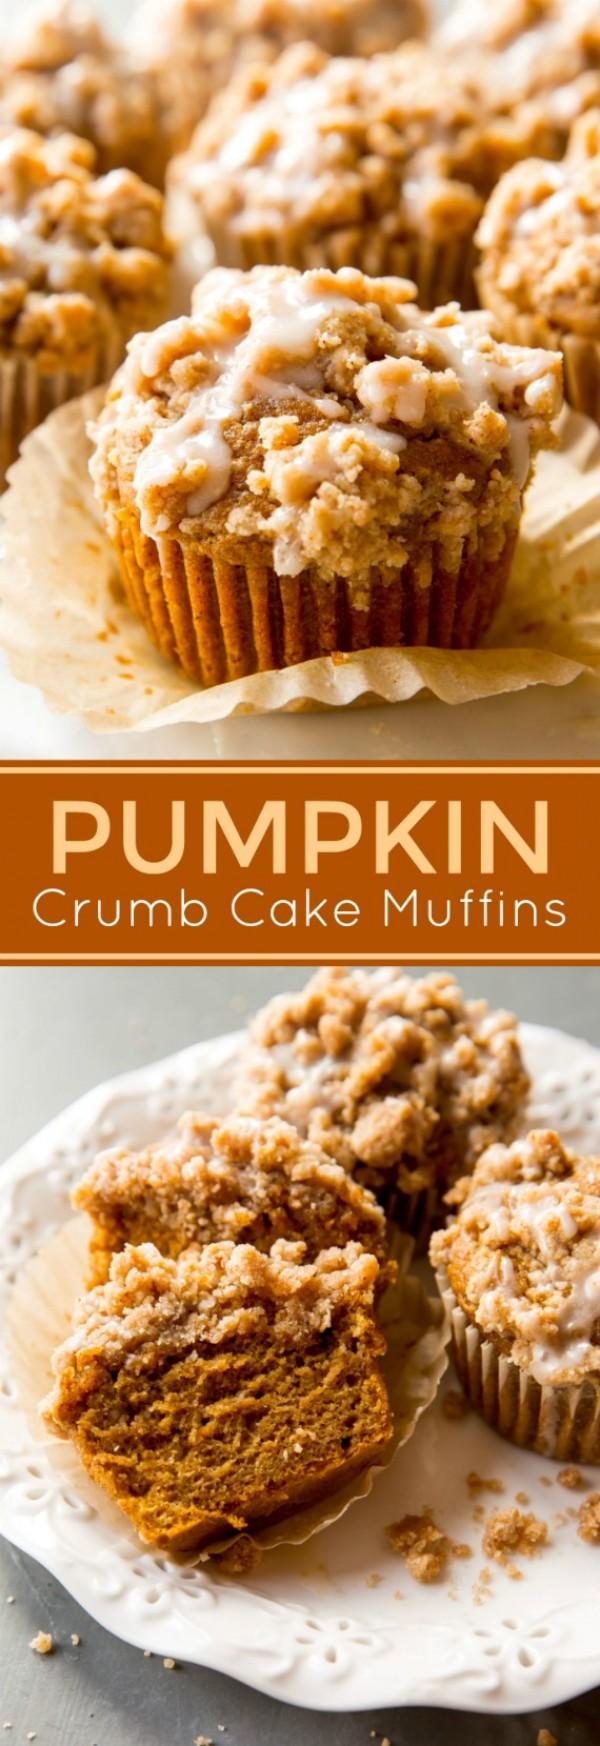 Get the recipe Pumpkin Crumb Cake Muffins @recipes_to_go